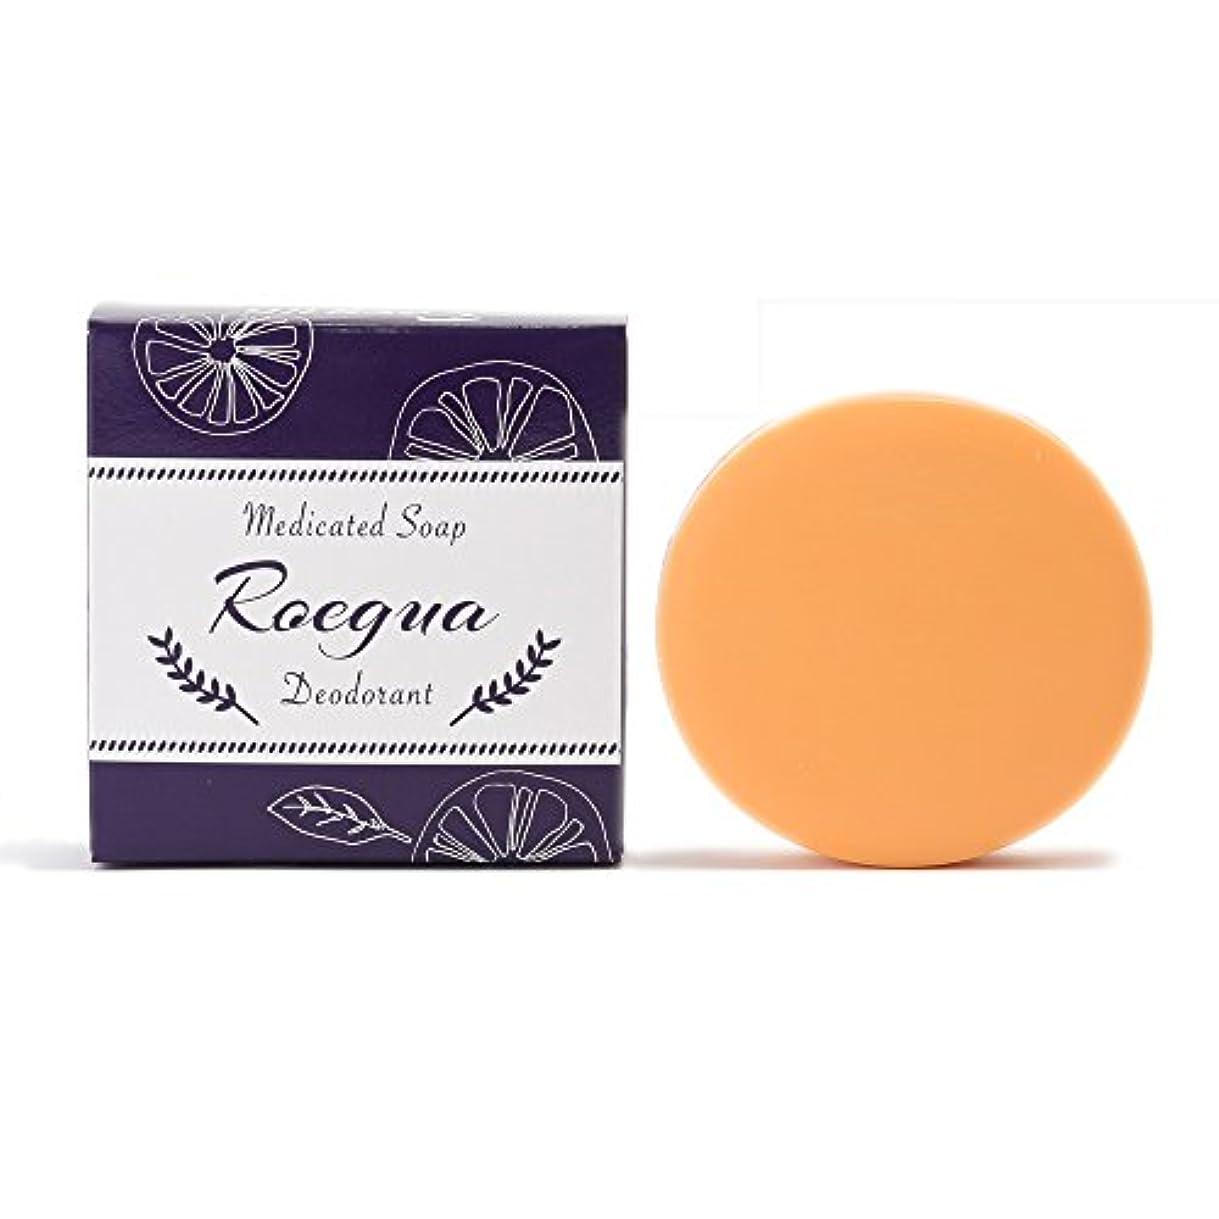 特別な着飾る助けてロエグア ワキガ消臭石鹸 80g